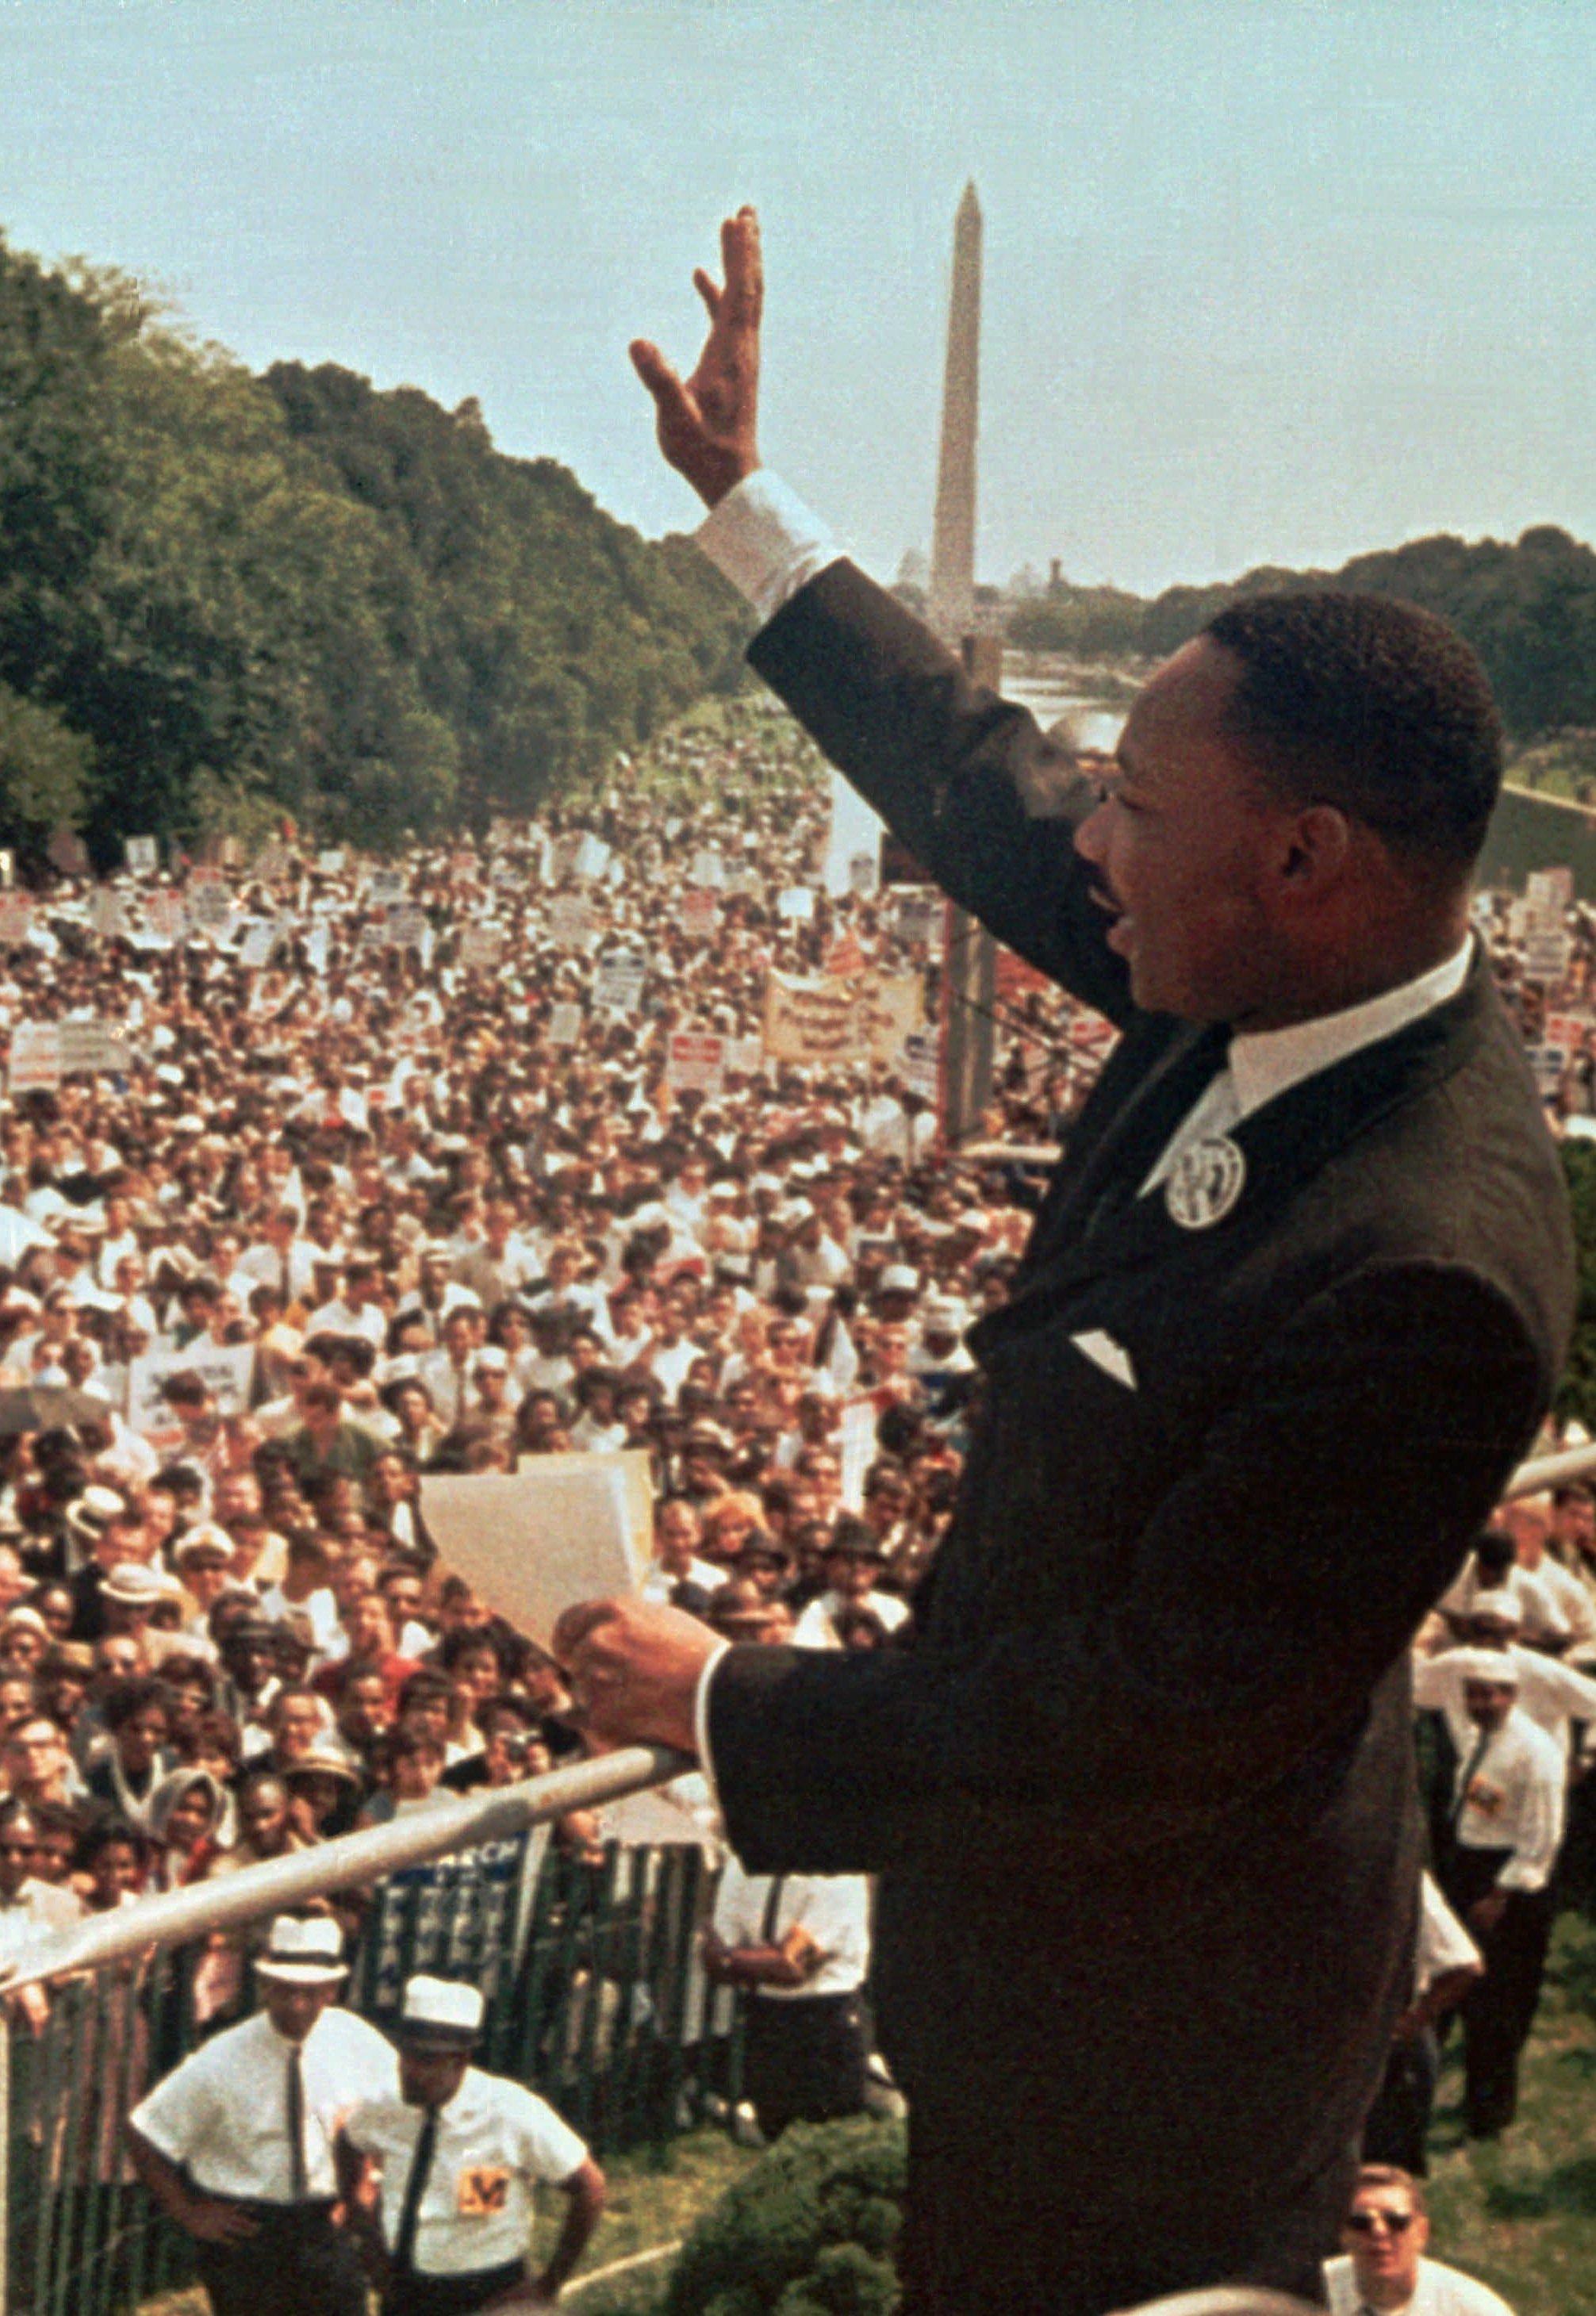 مارتین لوتر کینگ در راهپیمایی بزرگ واشنگتن به مردم دست تکان می دهد. (عکس از آسوشیتدپرس)